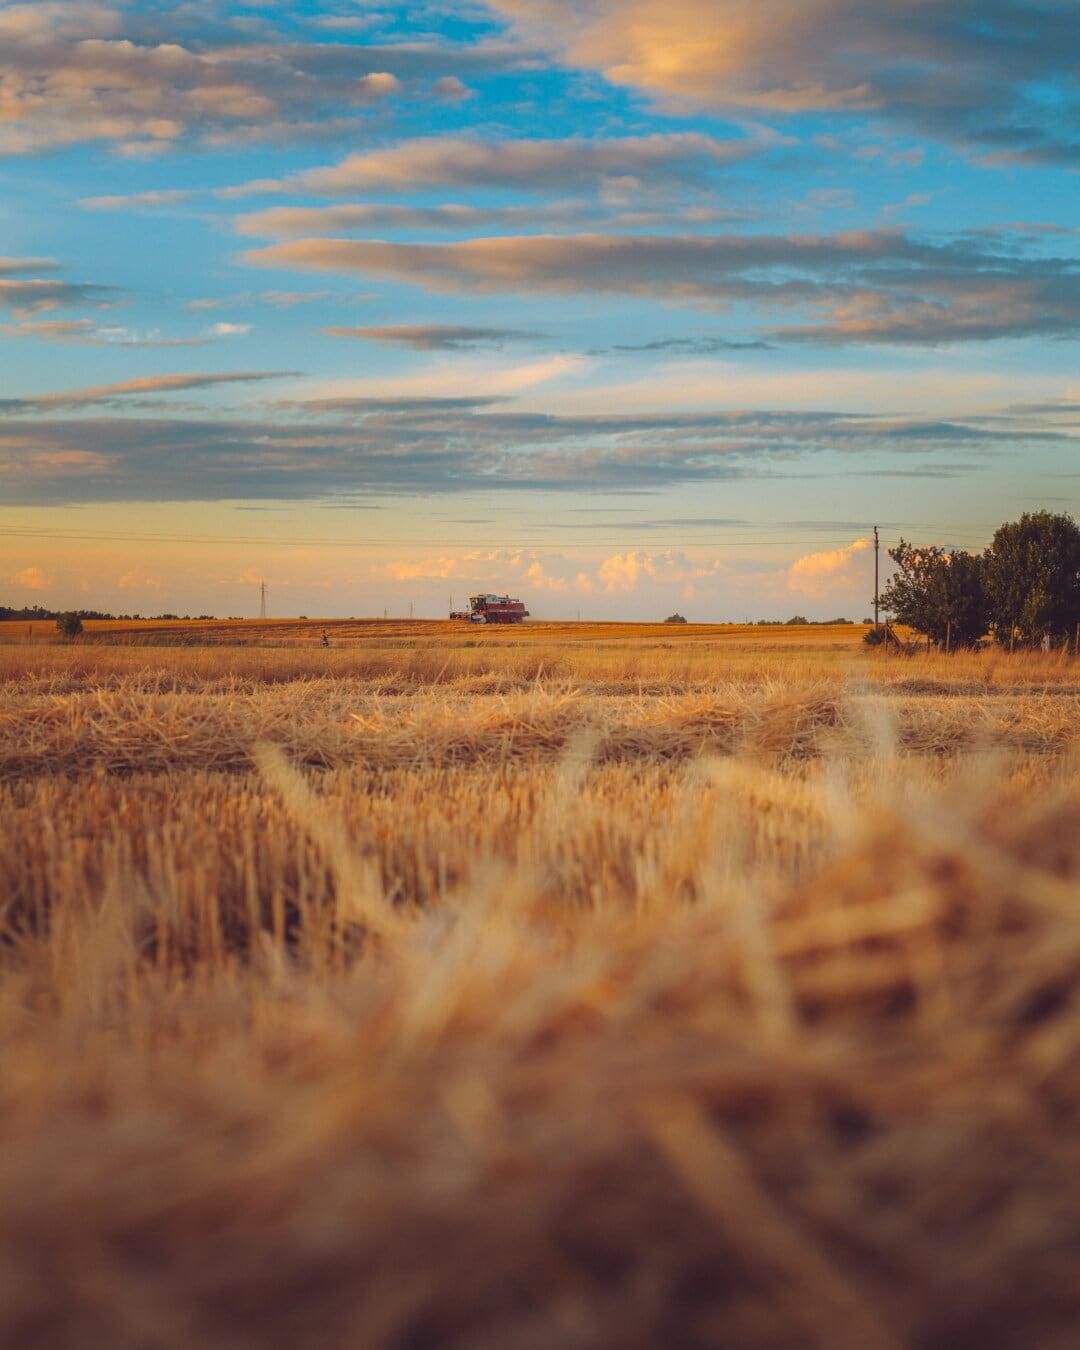 composant de collecte, blé, champ de blé, harvest, heure d'été, crépuscule, terrain, plain, domaine, Hay